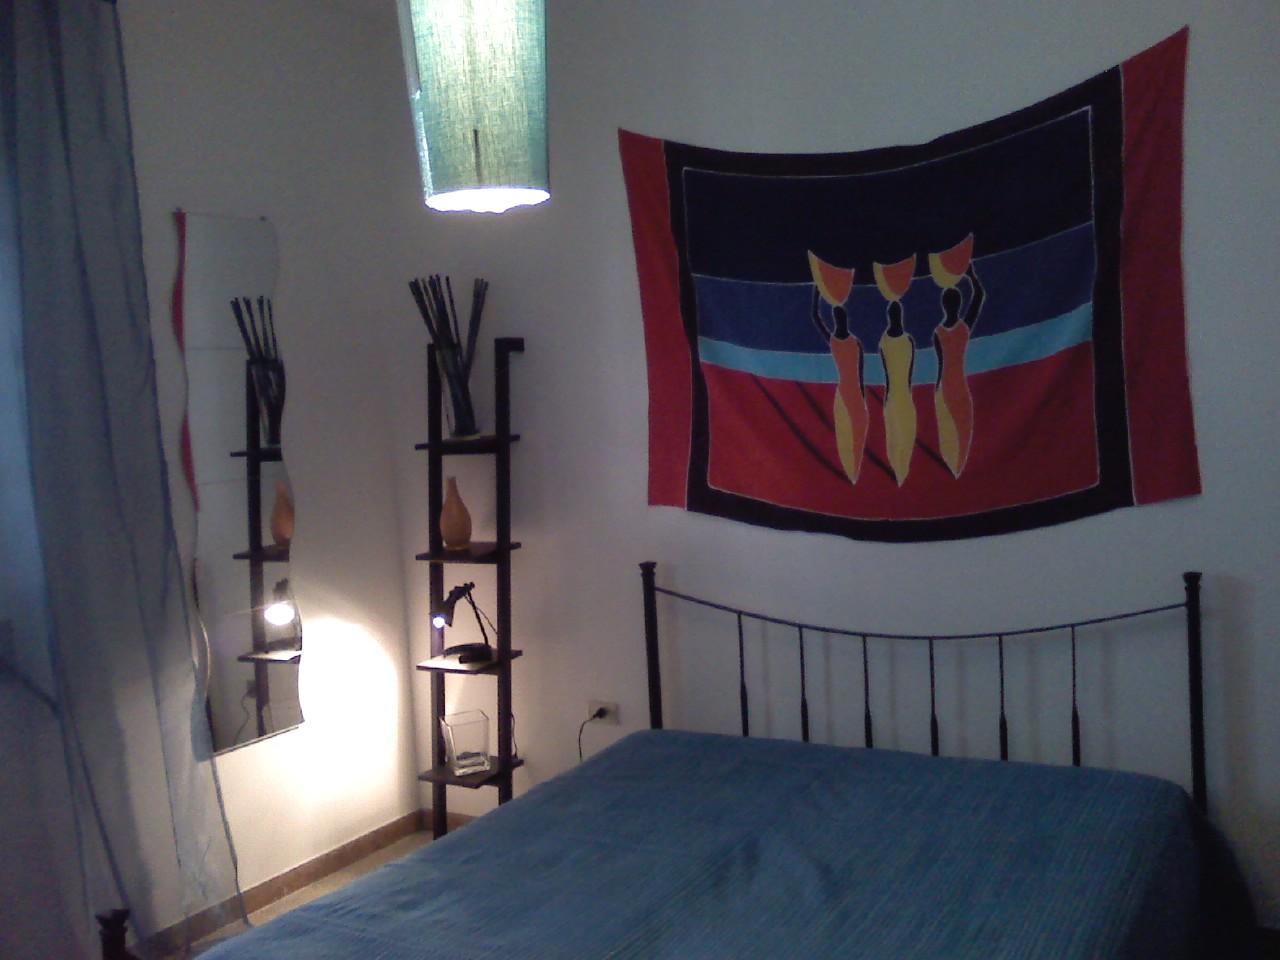 Bed and breakfast la jannara melendugno lecce su - Specchia lecce mappa ...